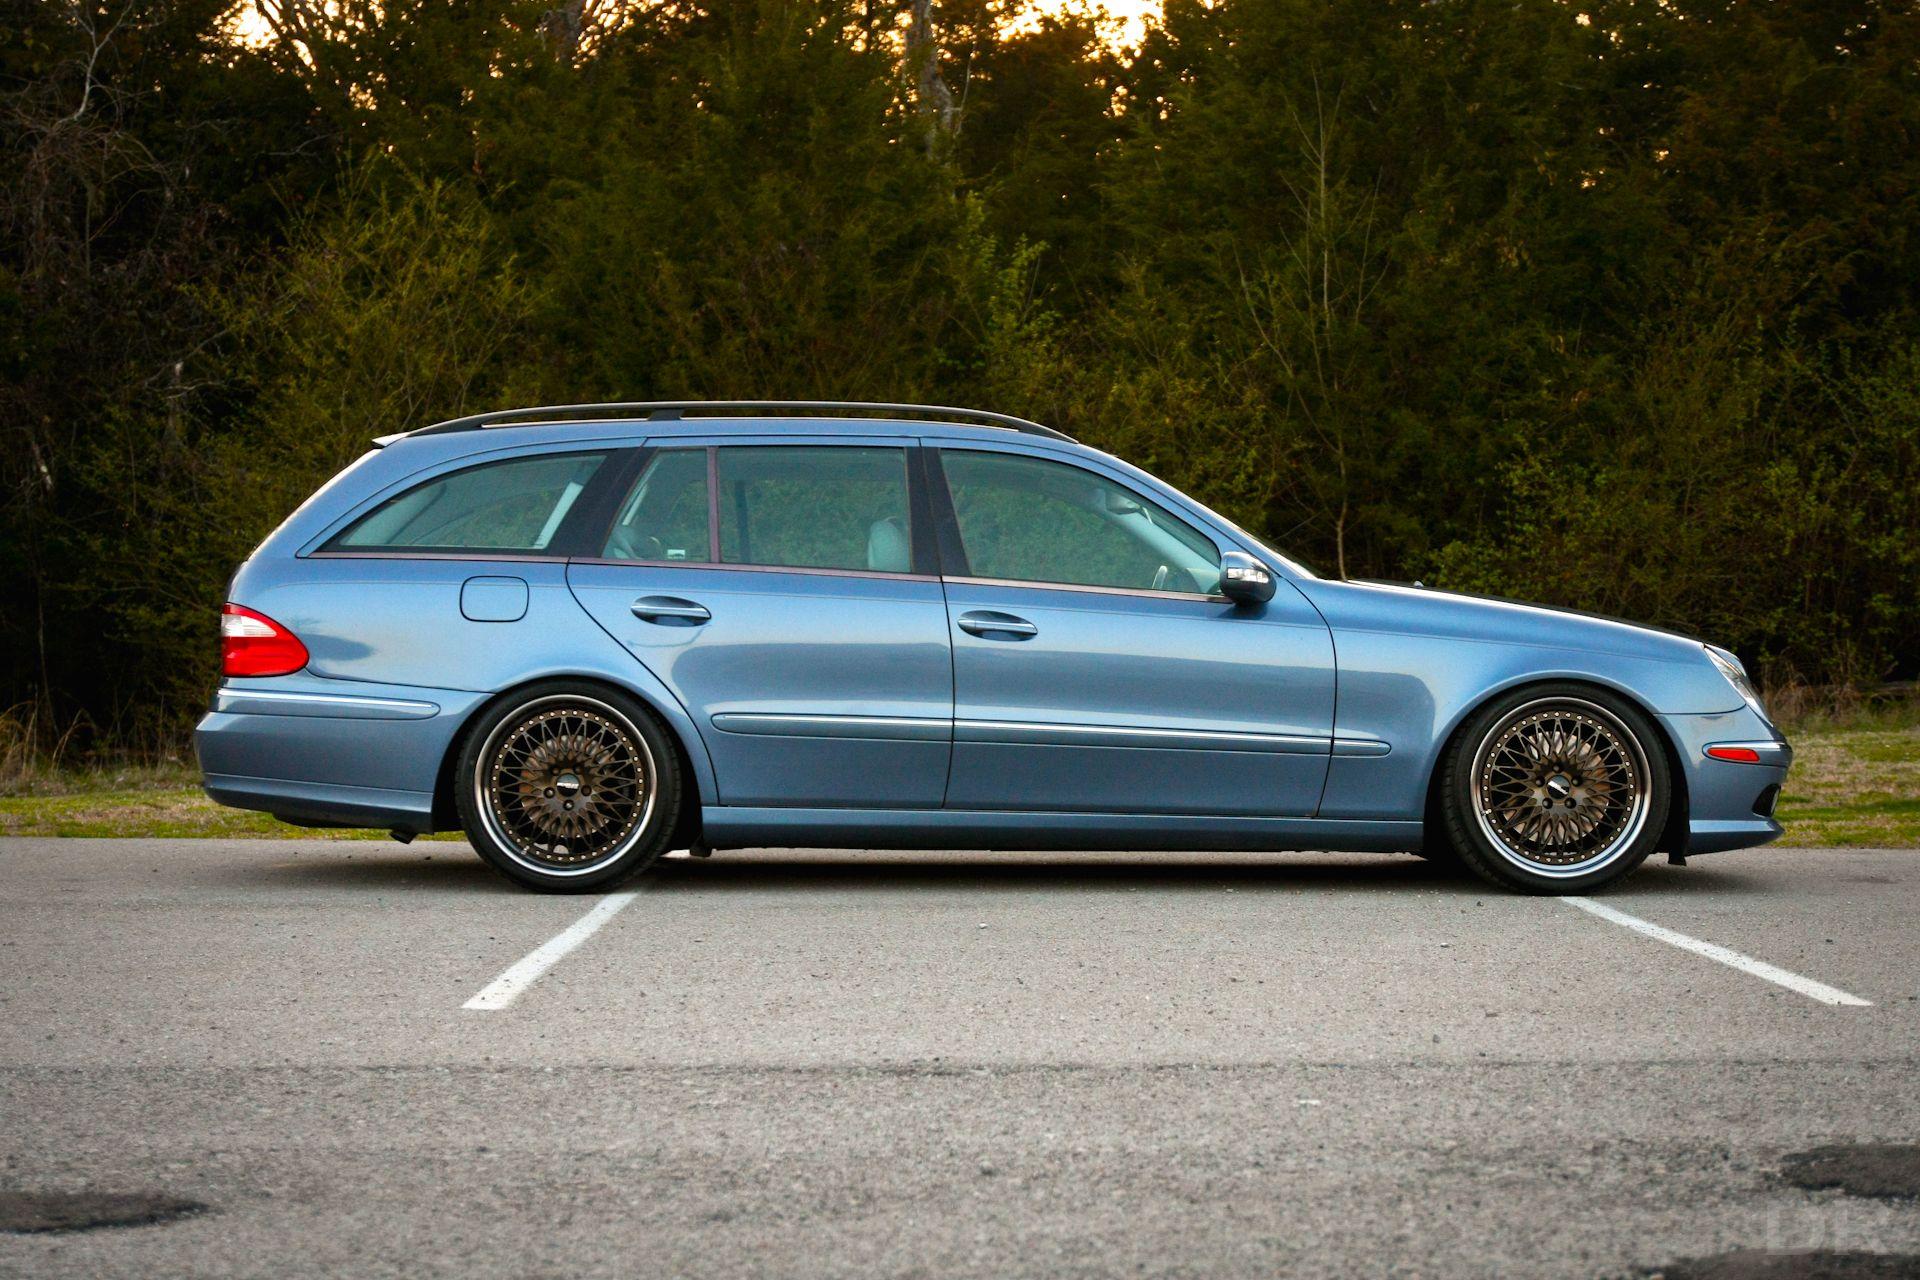 Tuning wald international mercedes benz e class estate w211 - Mercedes Benz E500 Estate